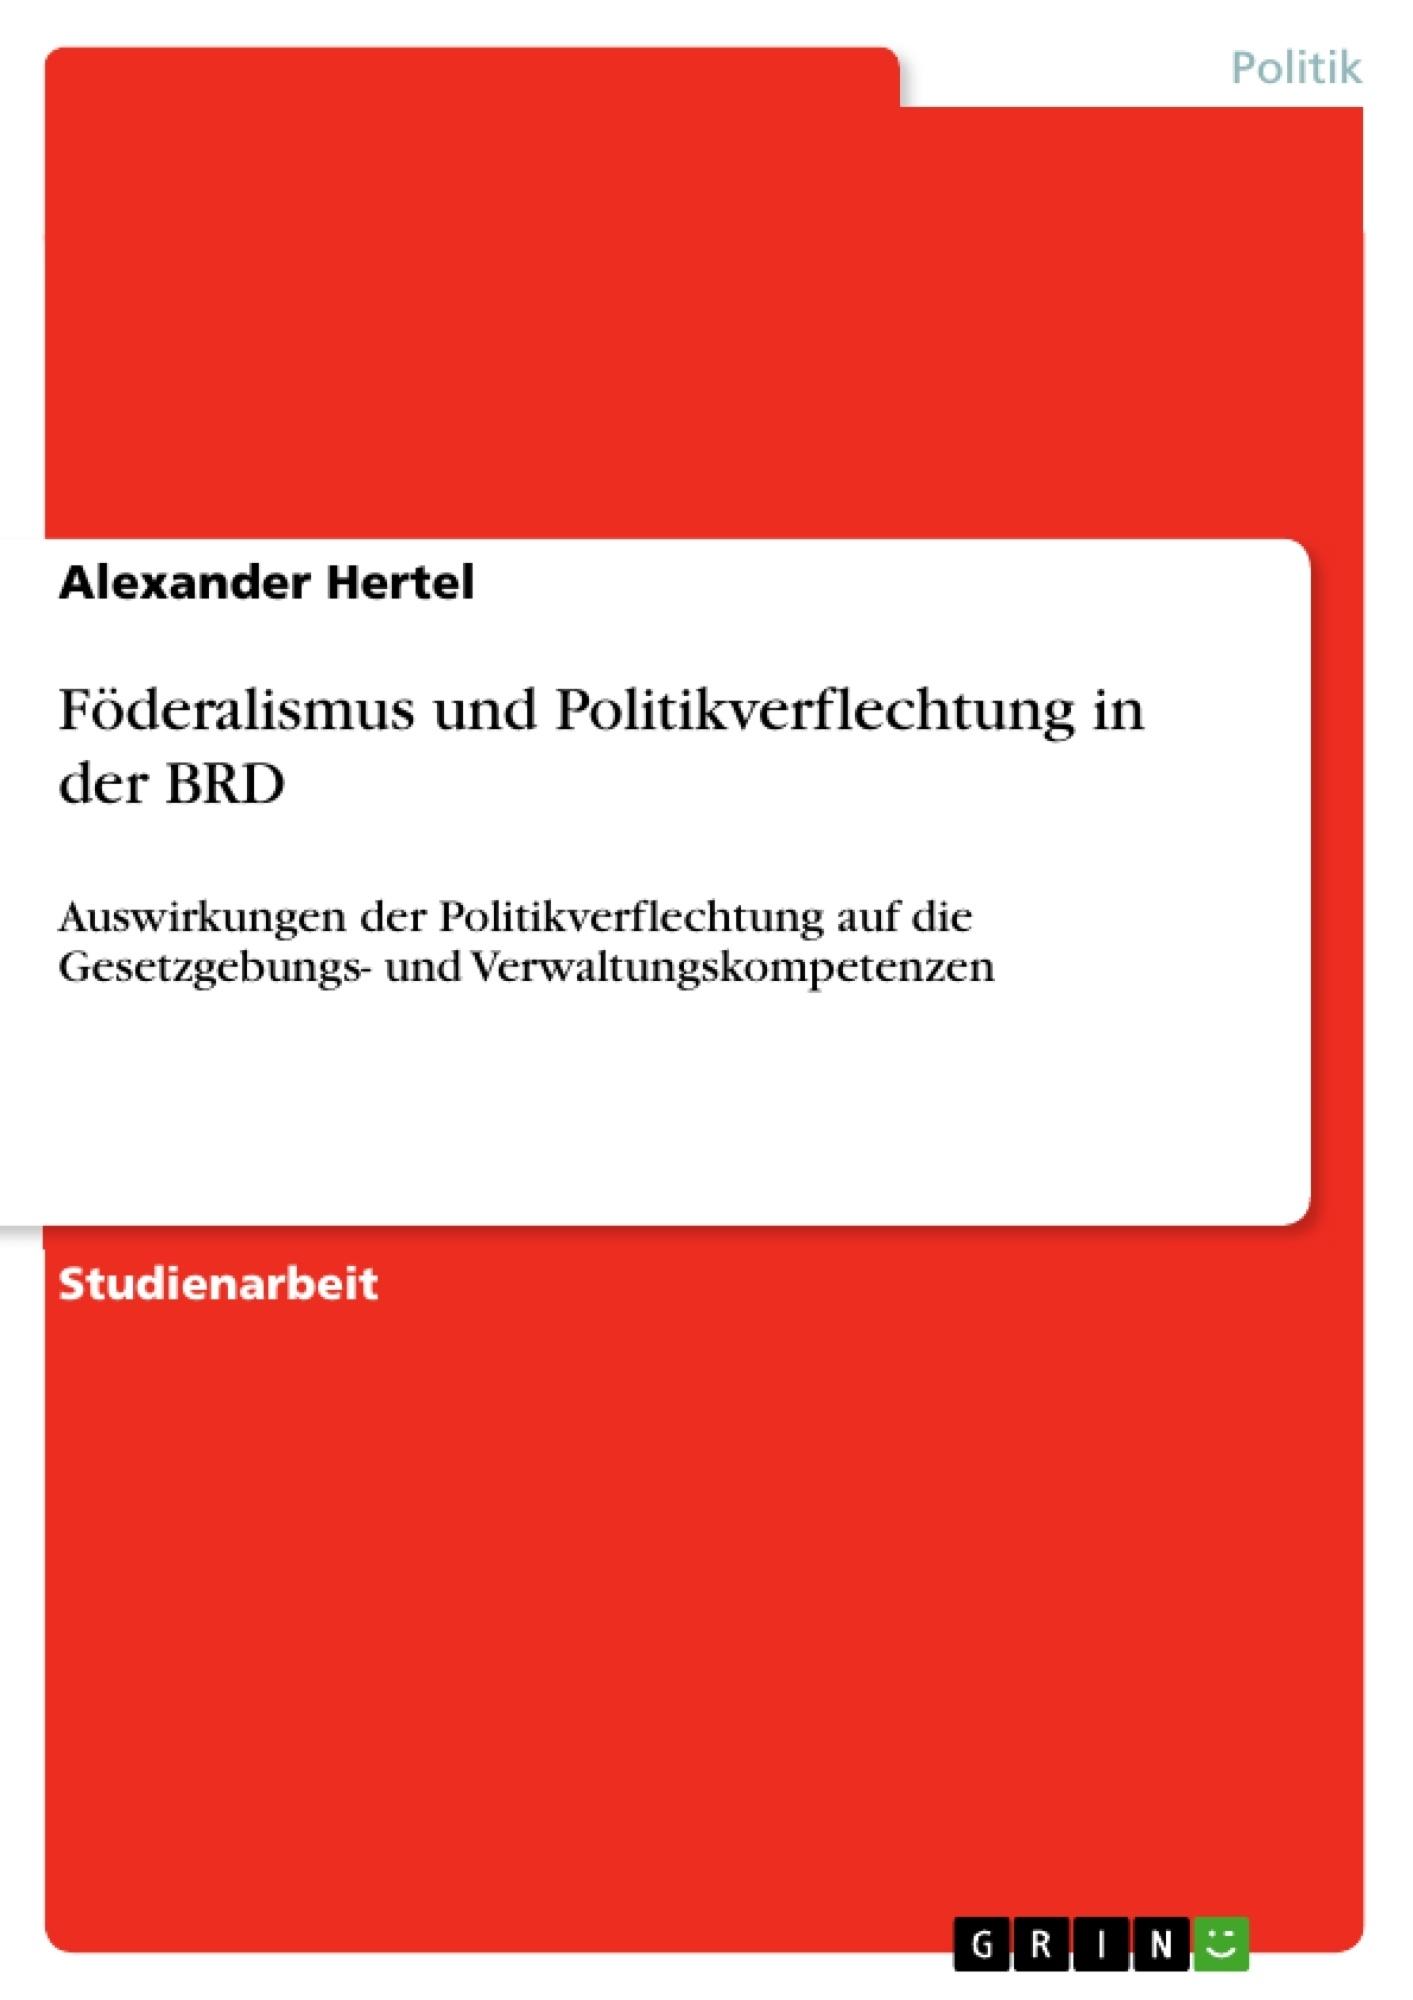 Titel: Föderalismus und Politikverflechtung in der BRD